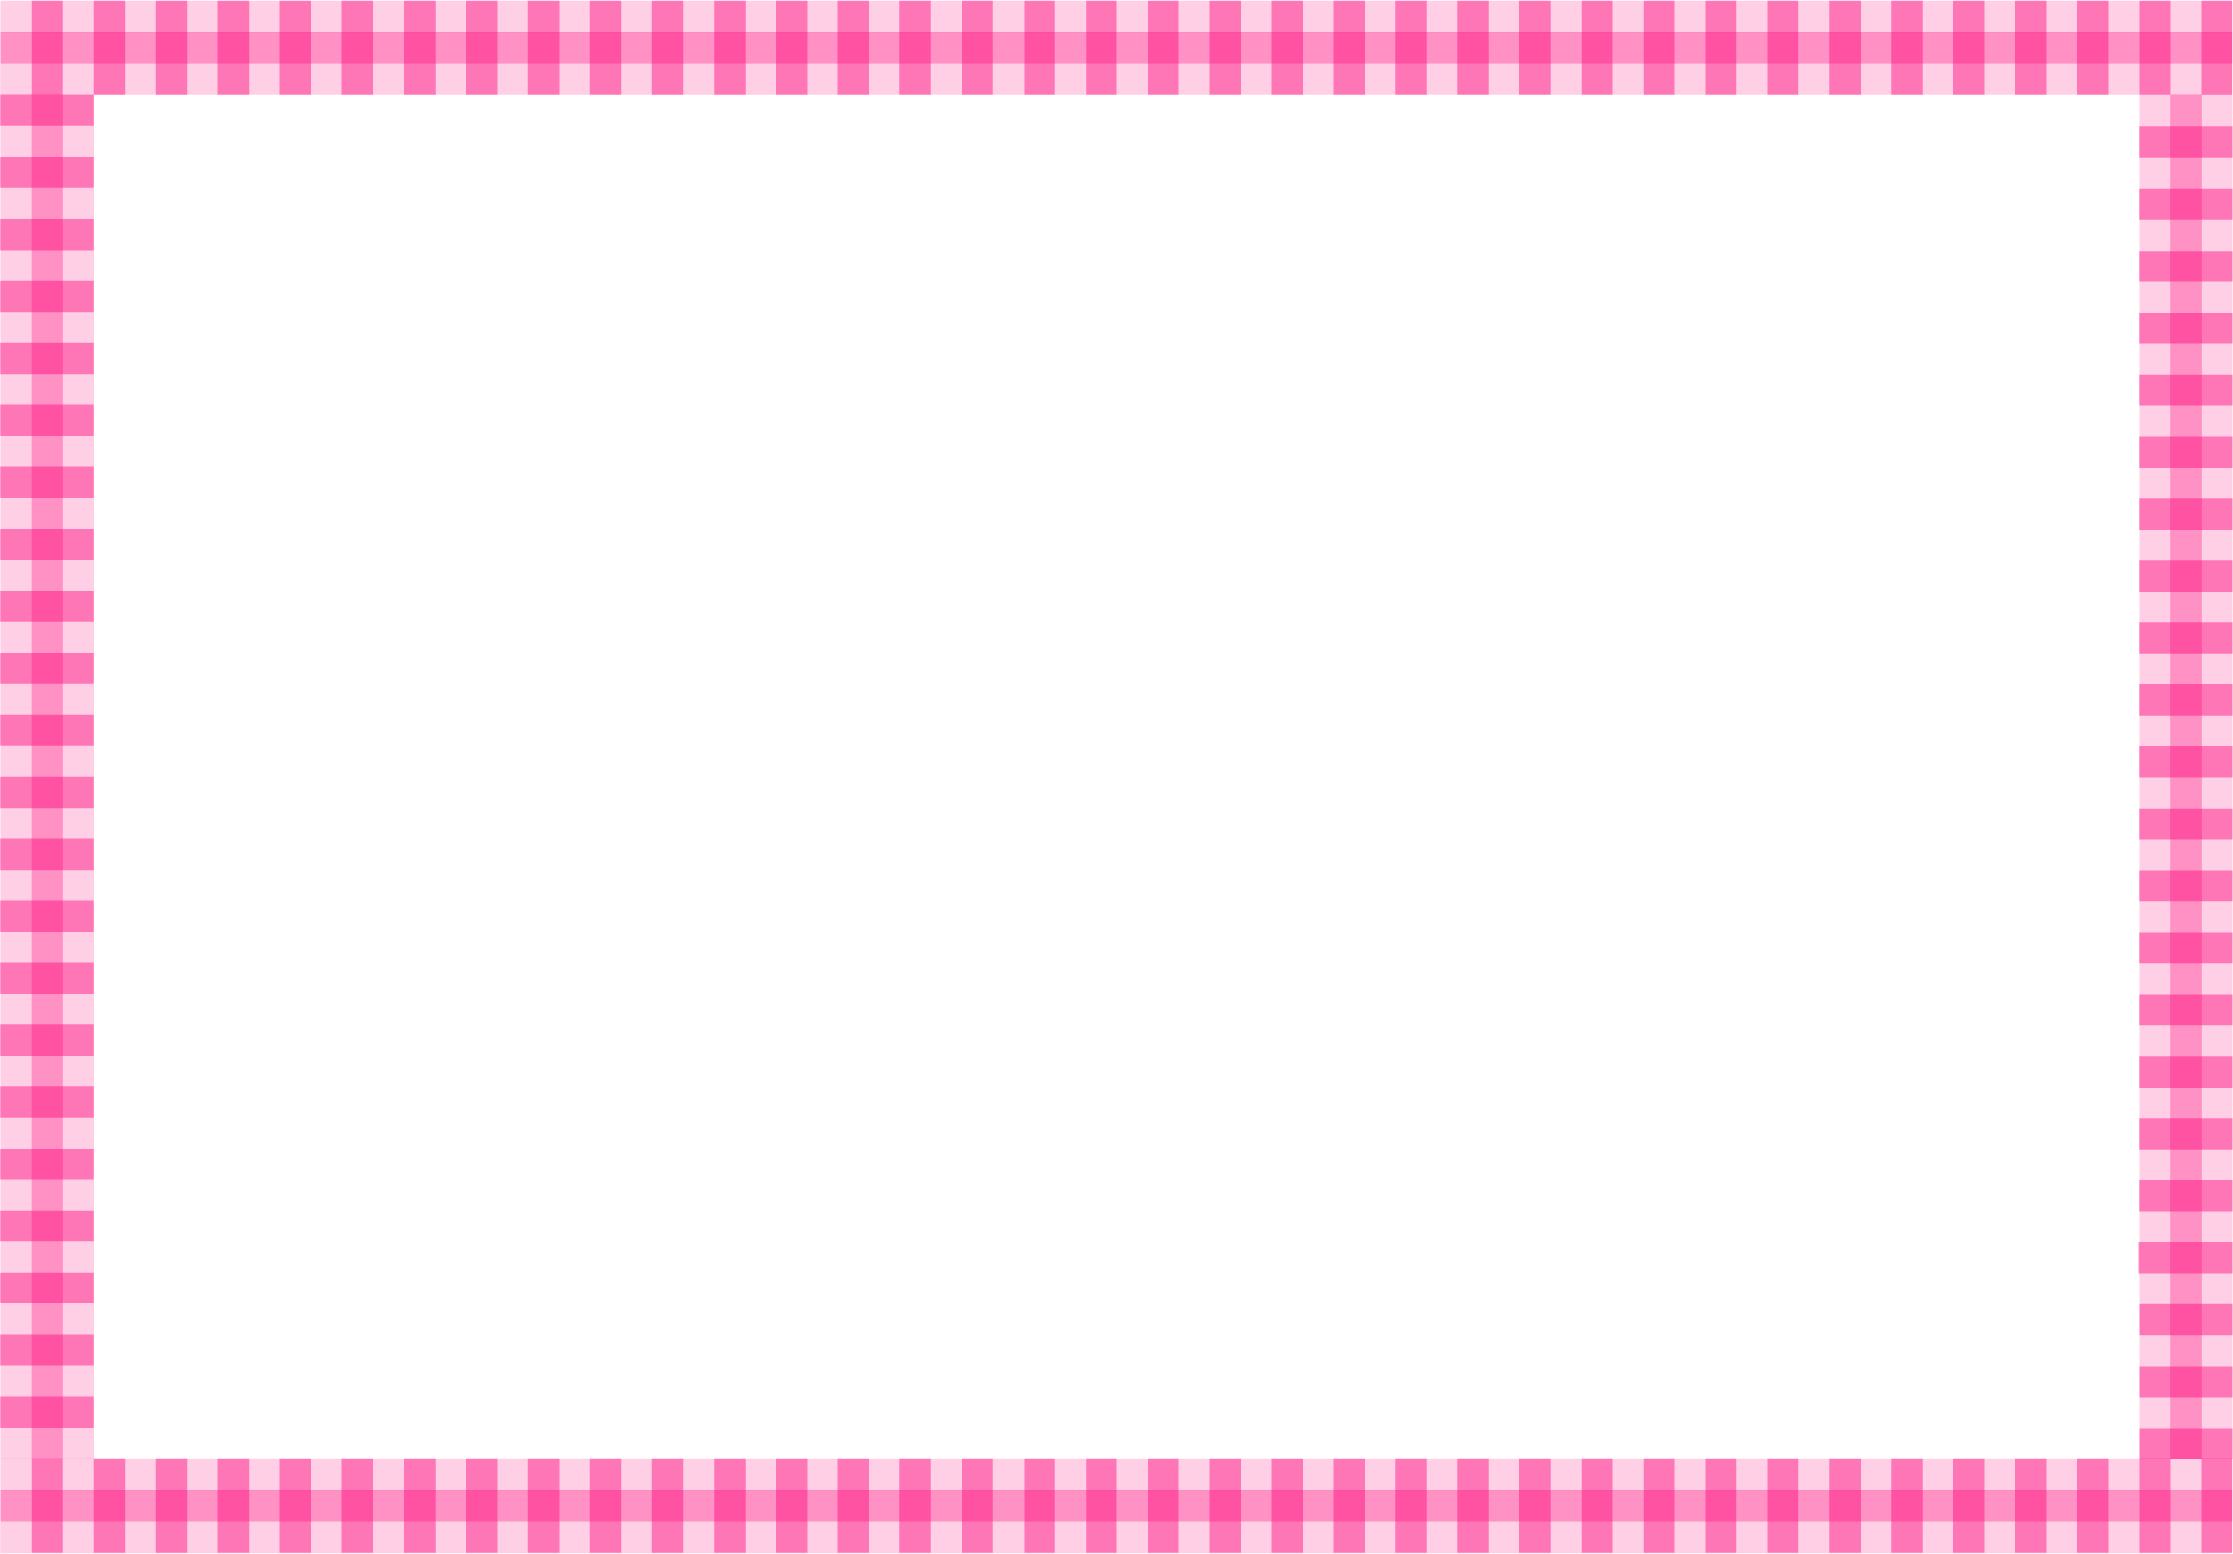 メッセージカード・便箋|幼児教材・知育プリント|ちびむすドリル【幼児